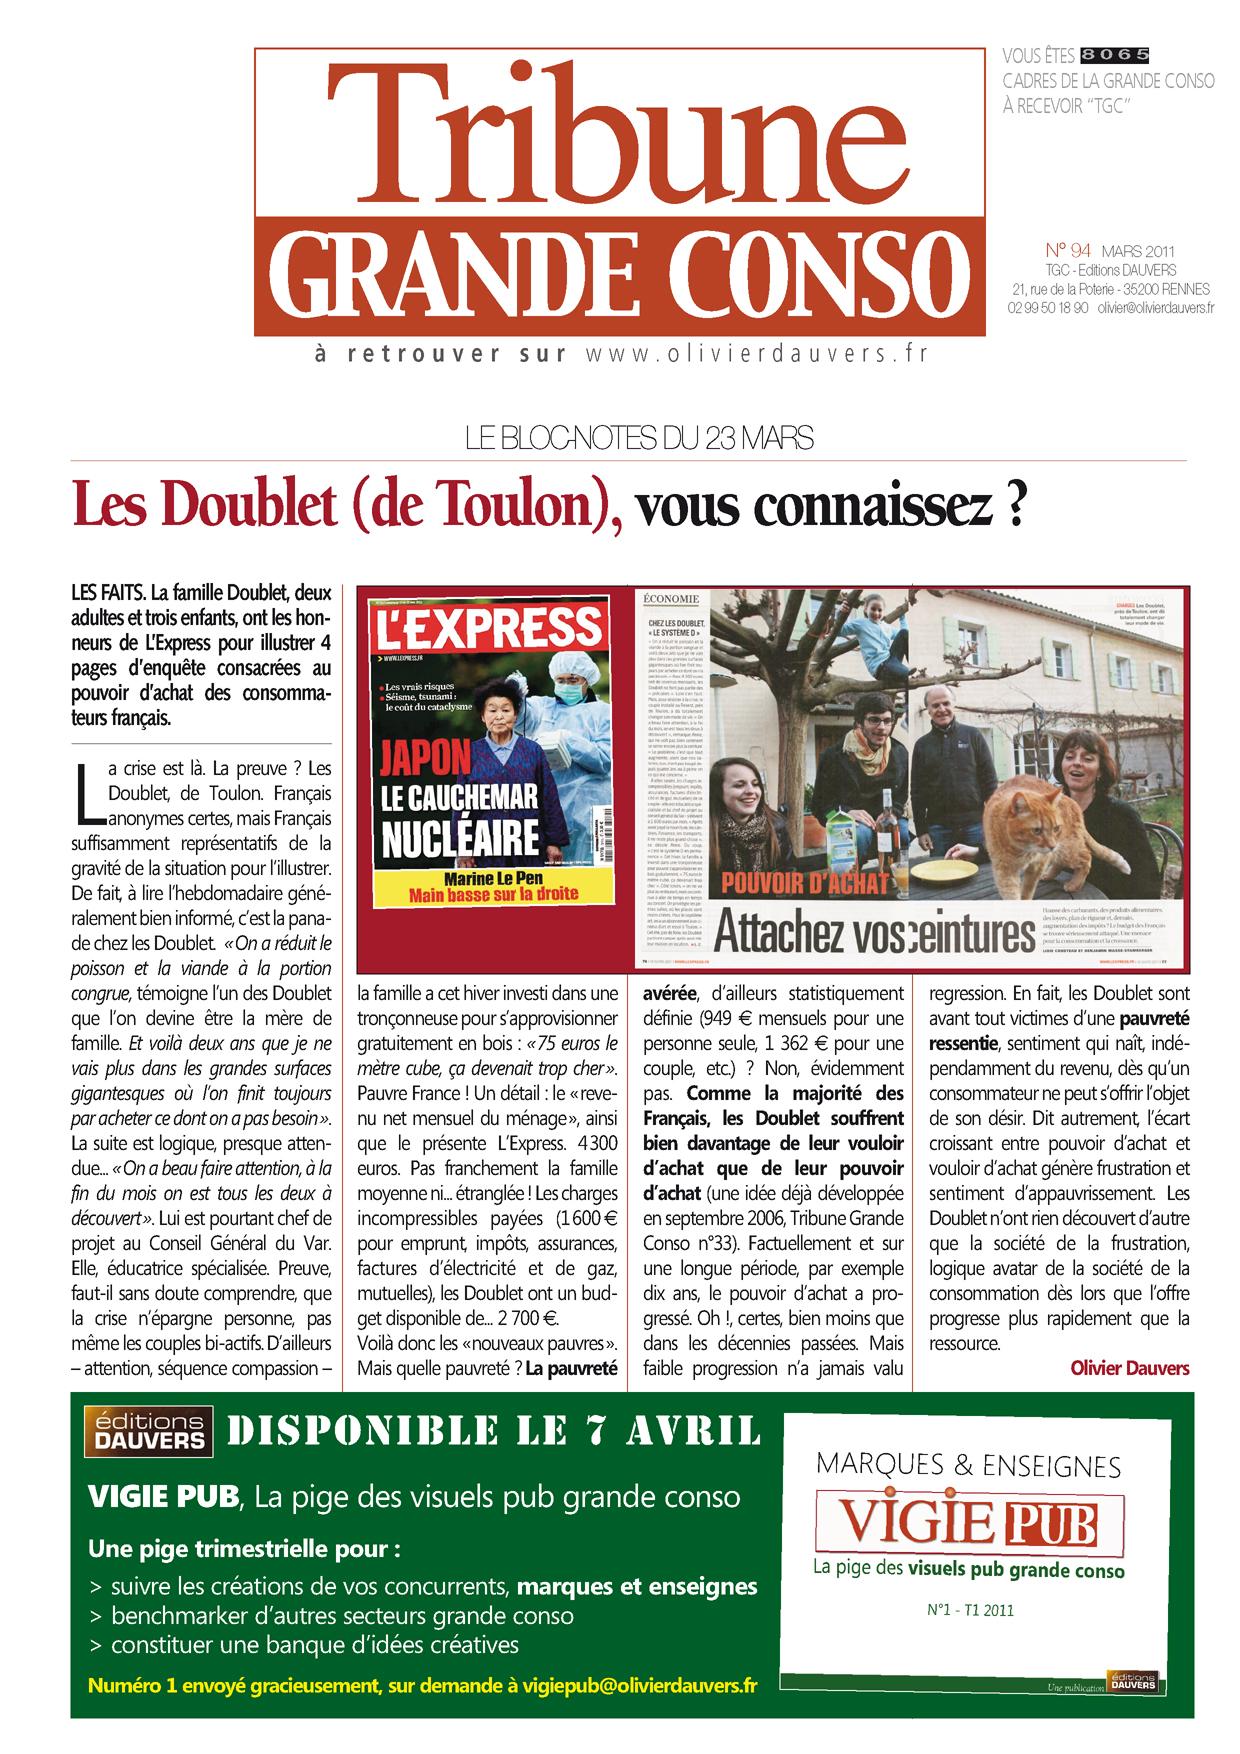 Les Doublet (de Toulon), vous connaissez ?